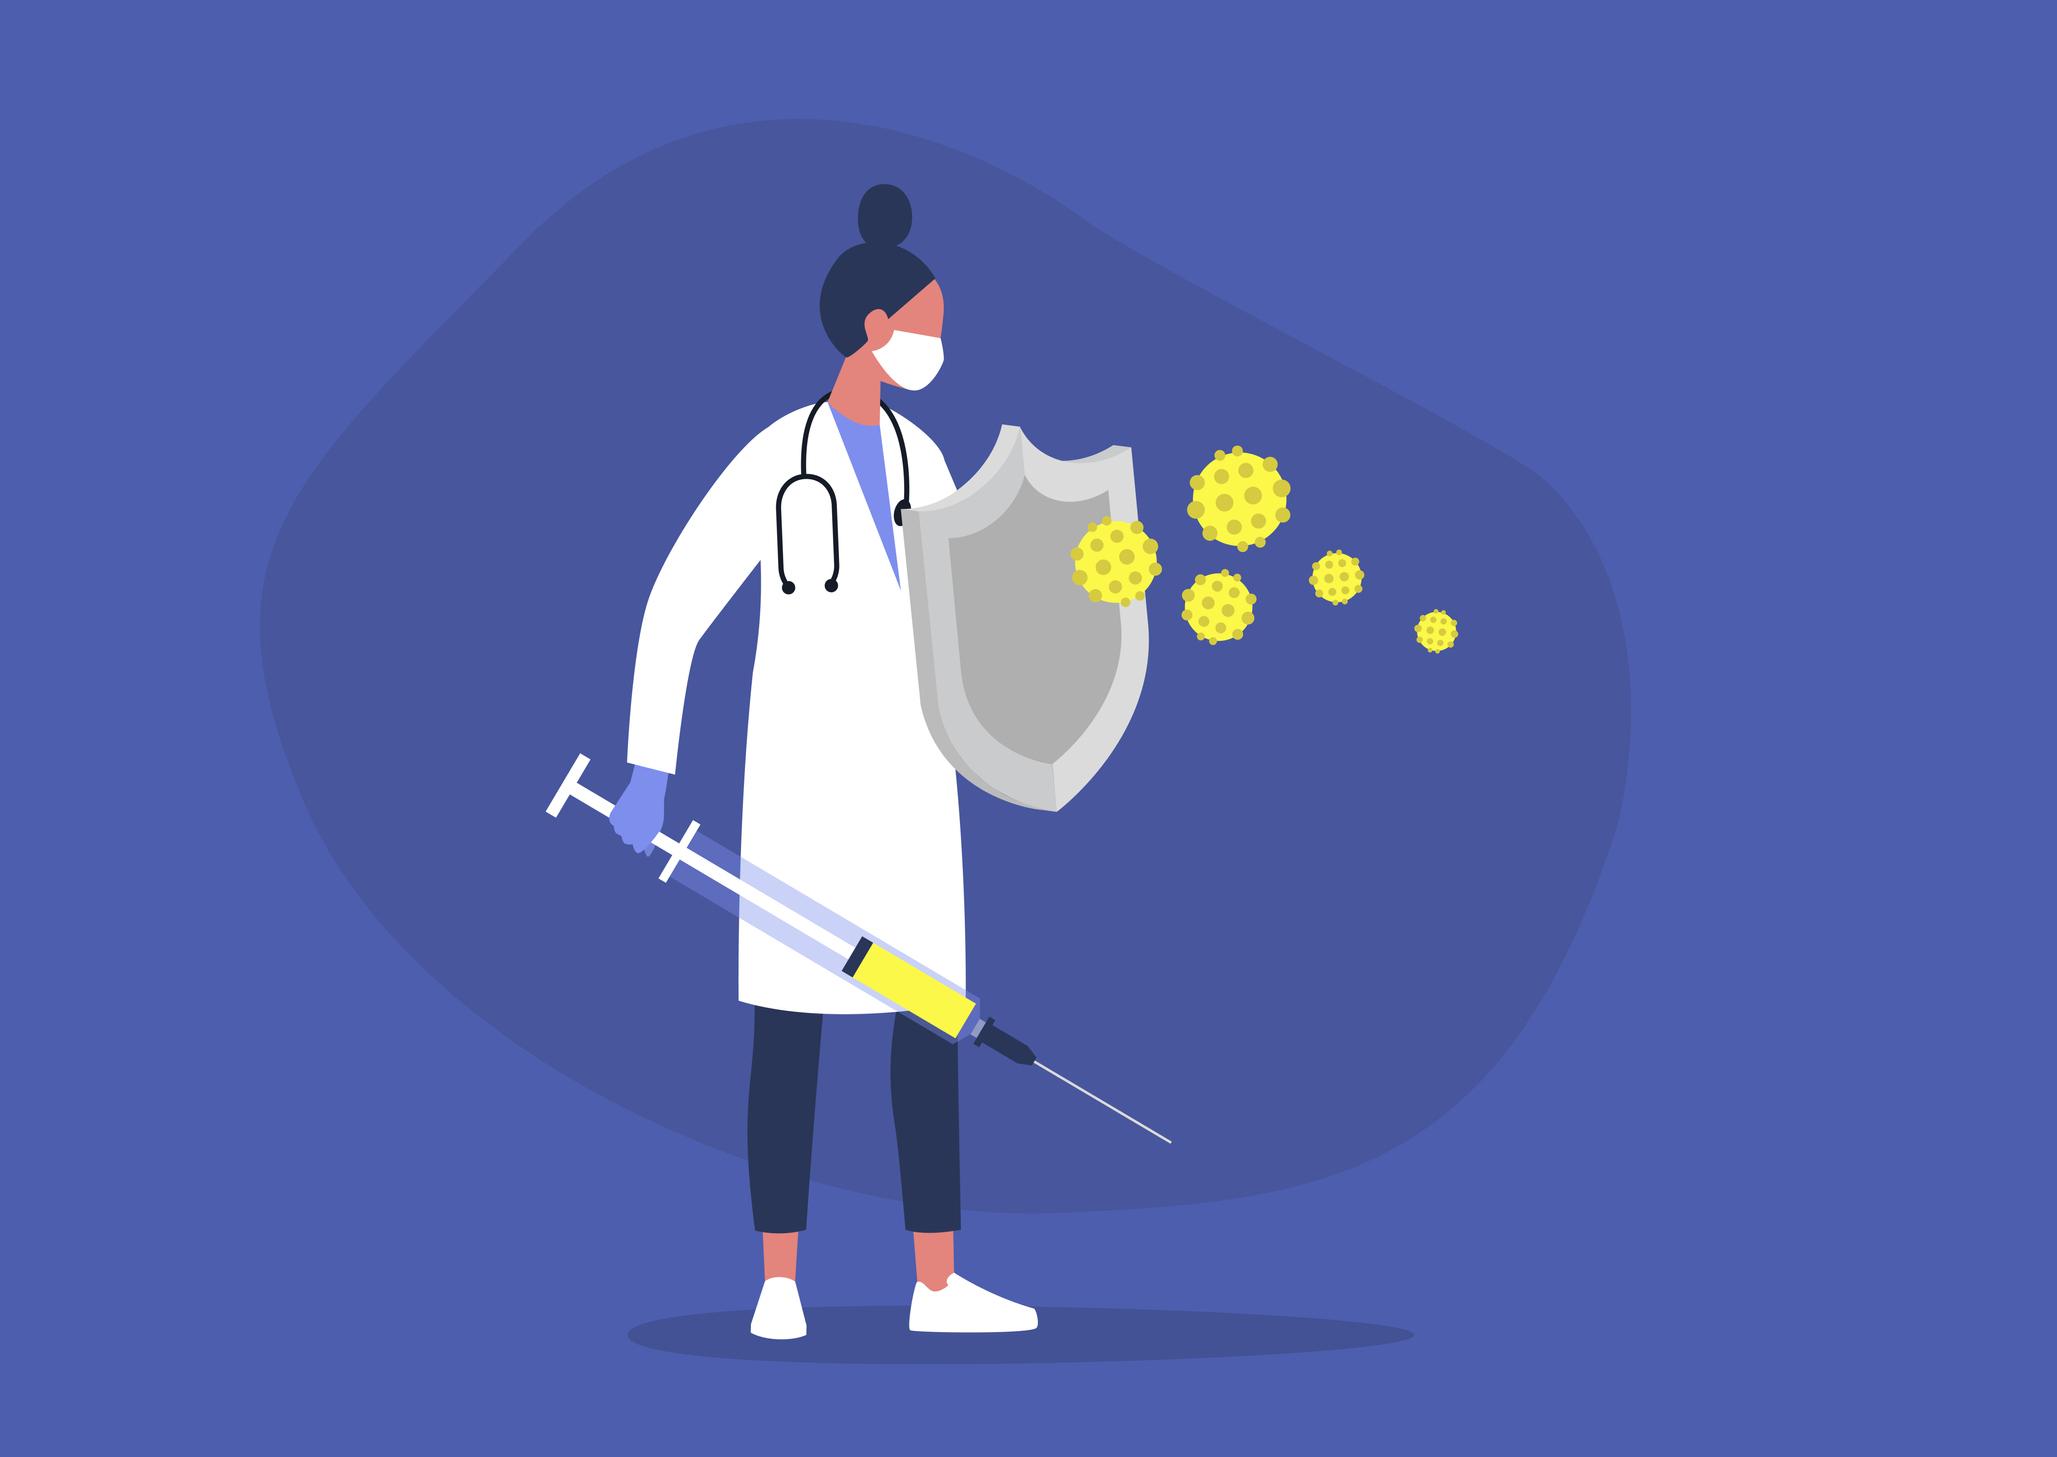 Nhà khoa học tuyến đầu trong nghiên cứu vaccine